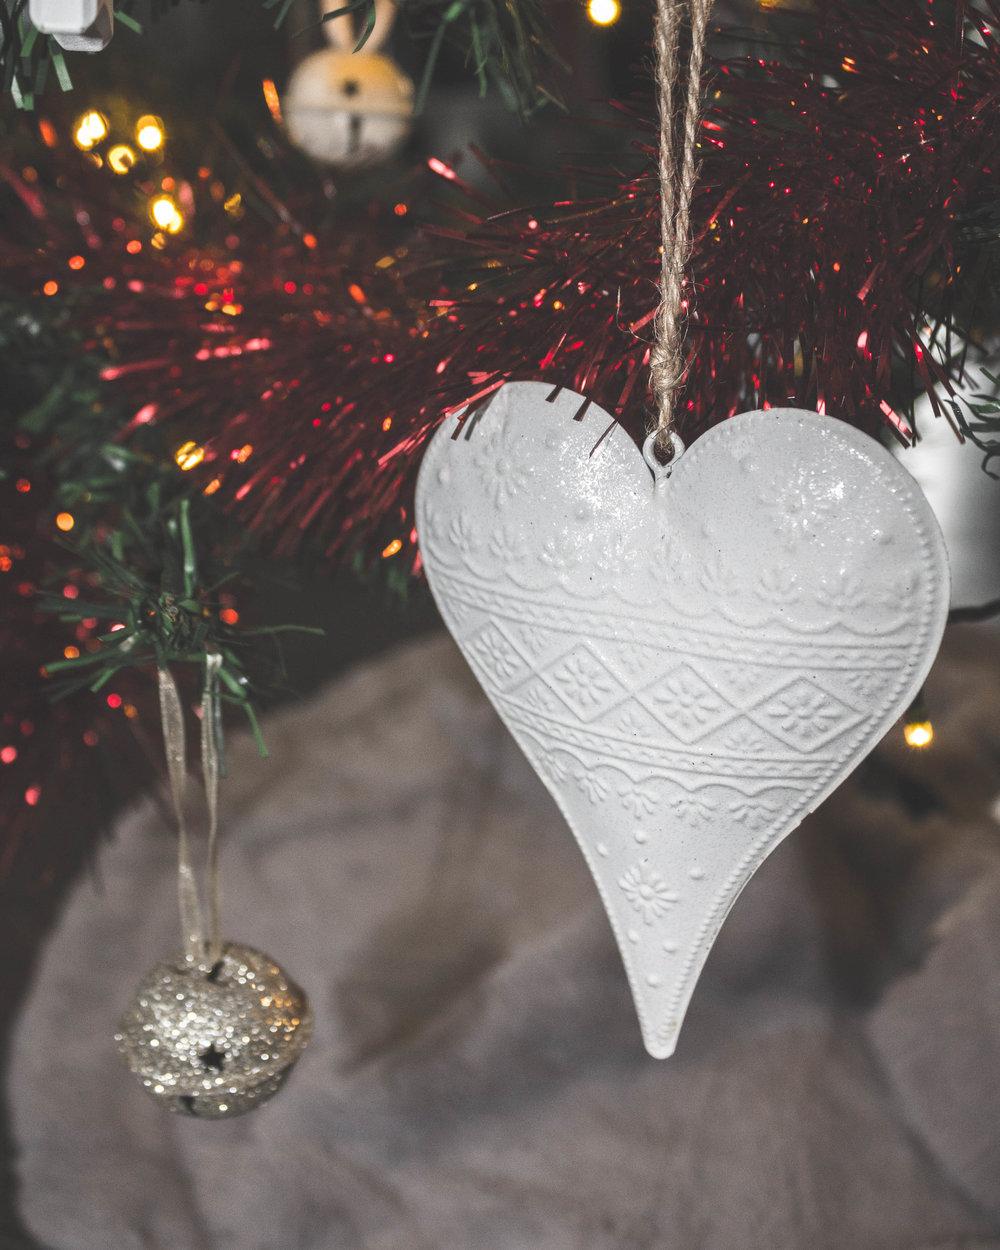 Christmas-Tree-6356.jpg